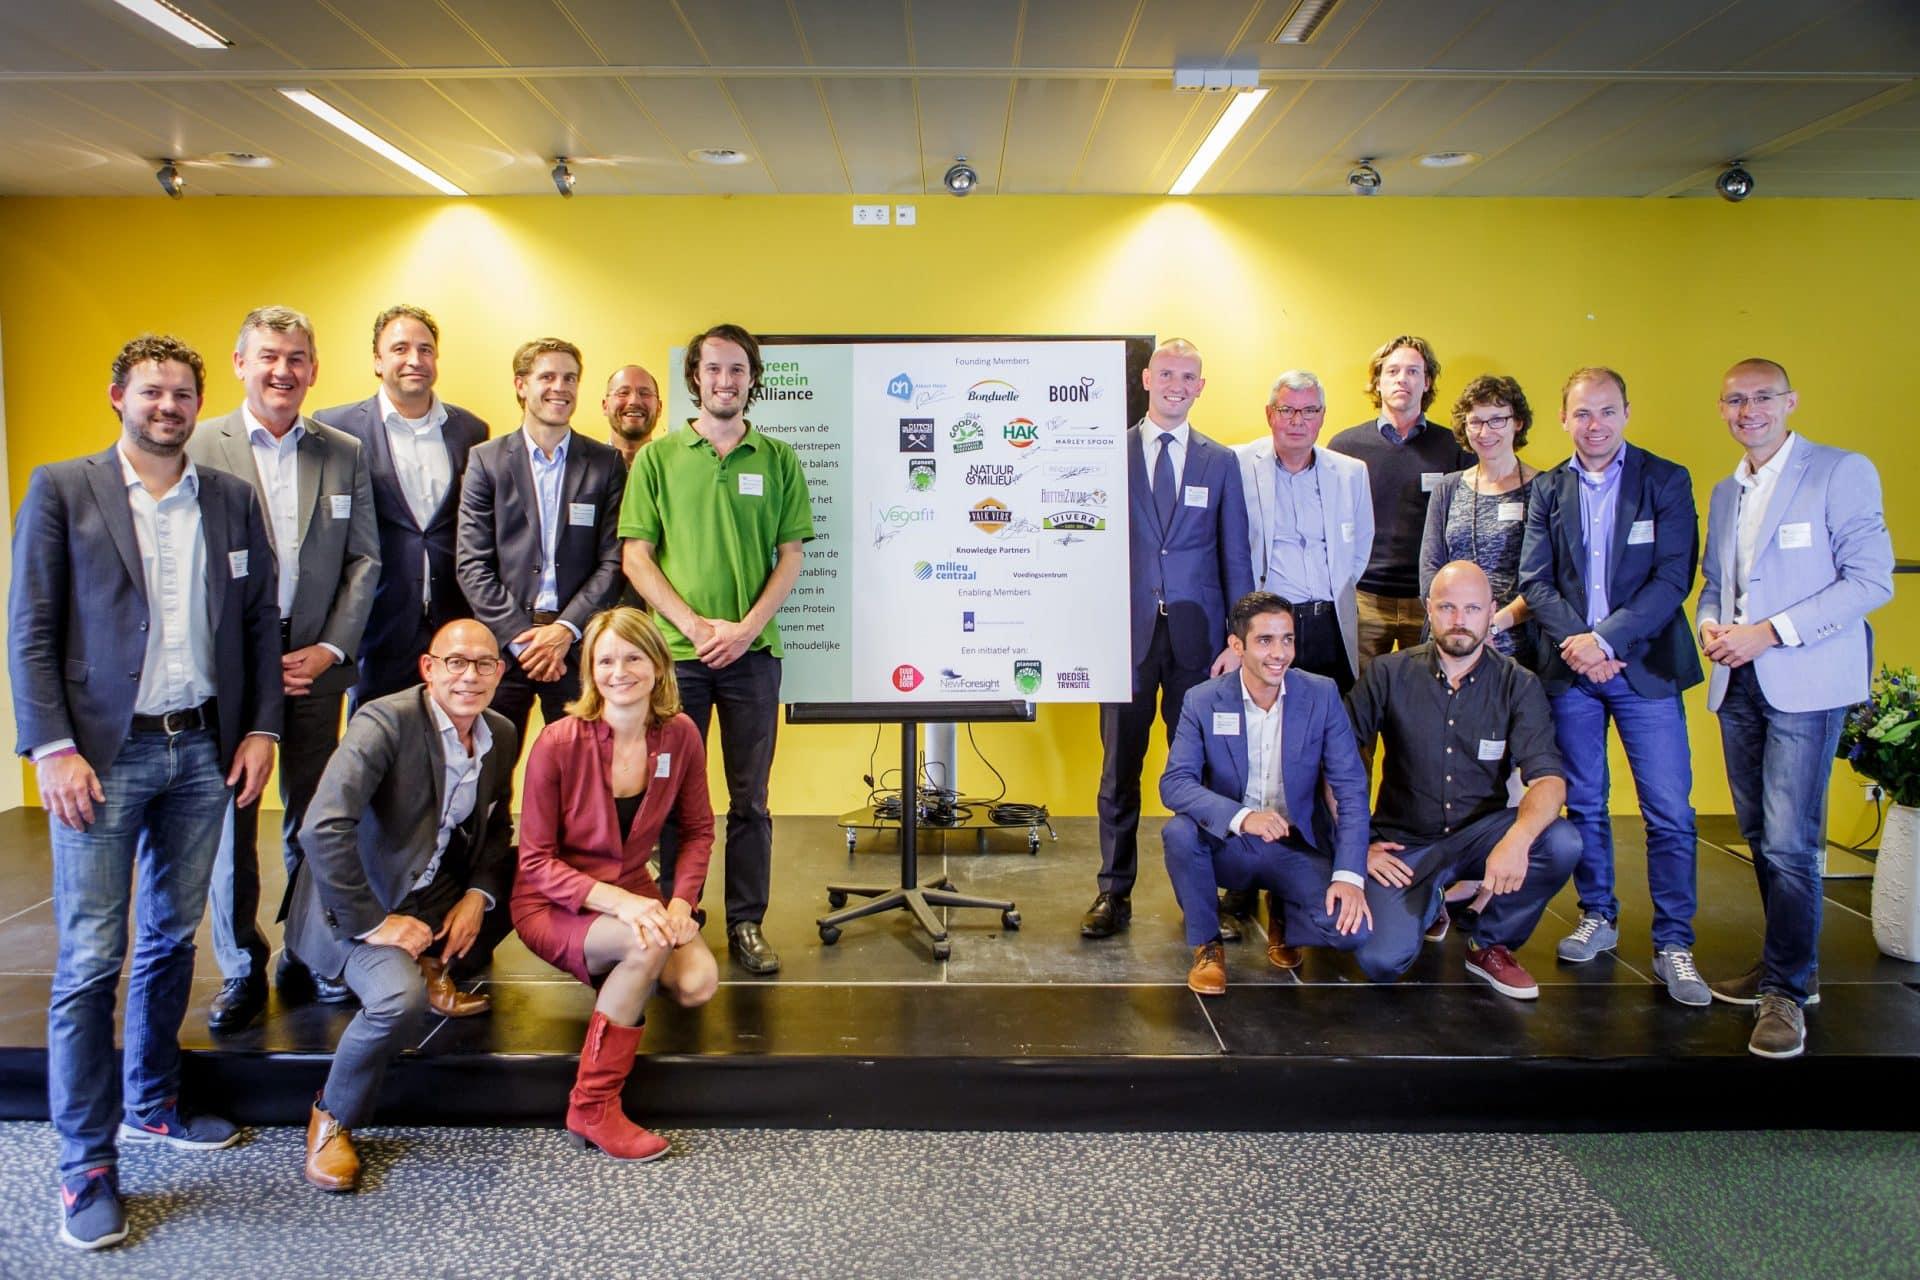 Green Protein Alliance - Founding Members GPA gezamelijk op de foto